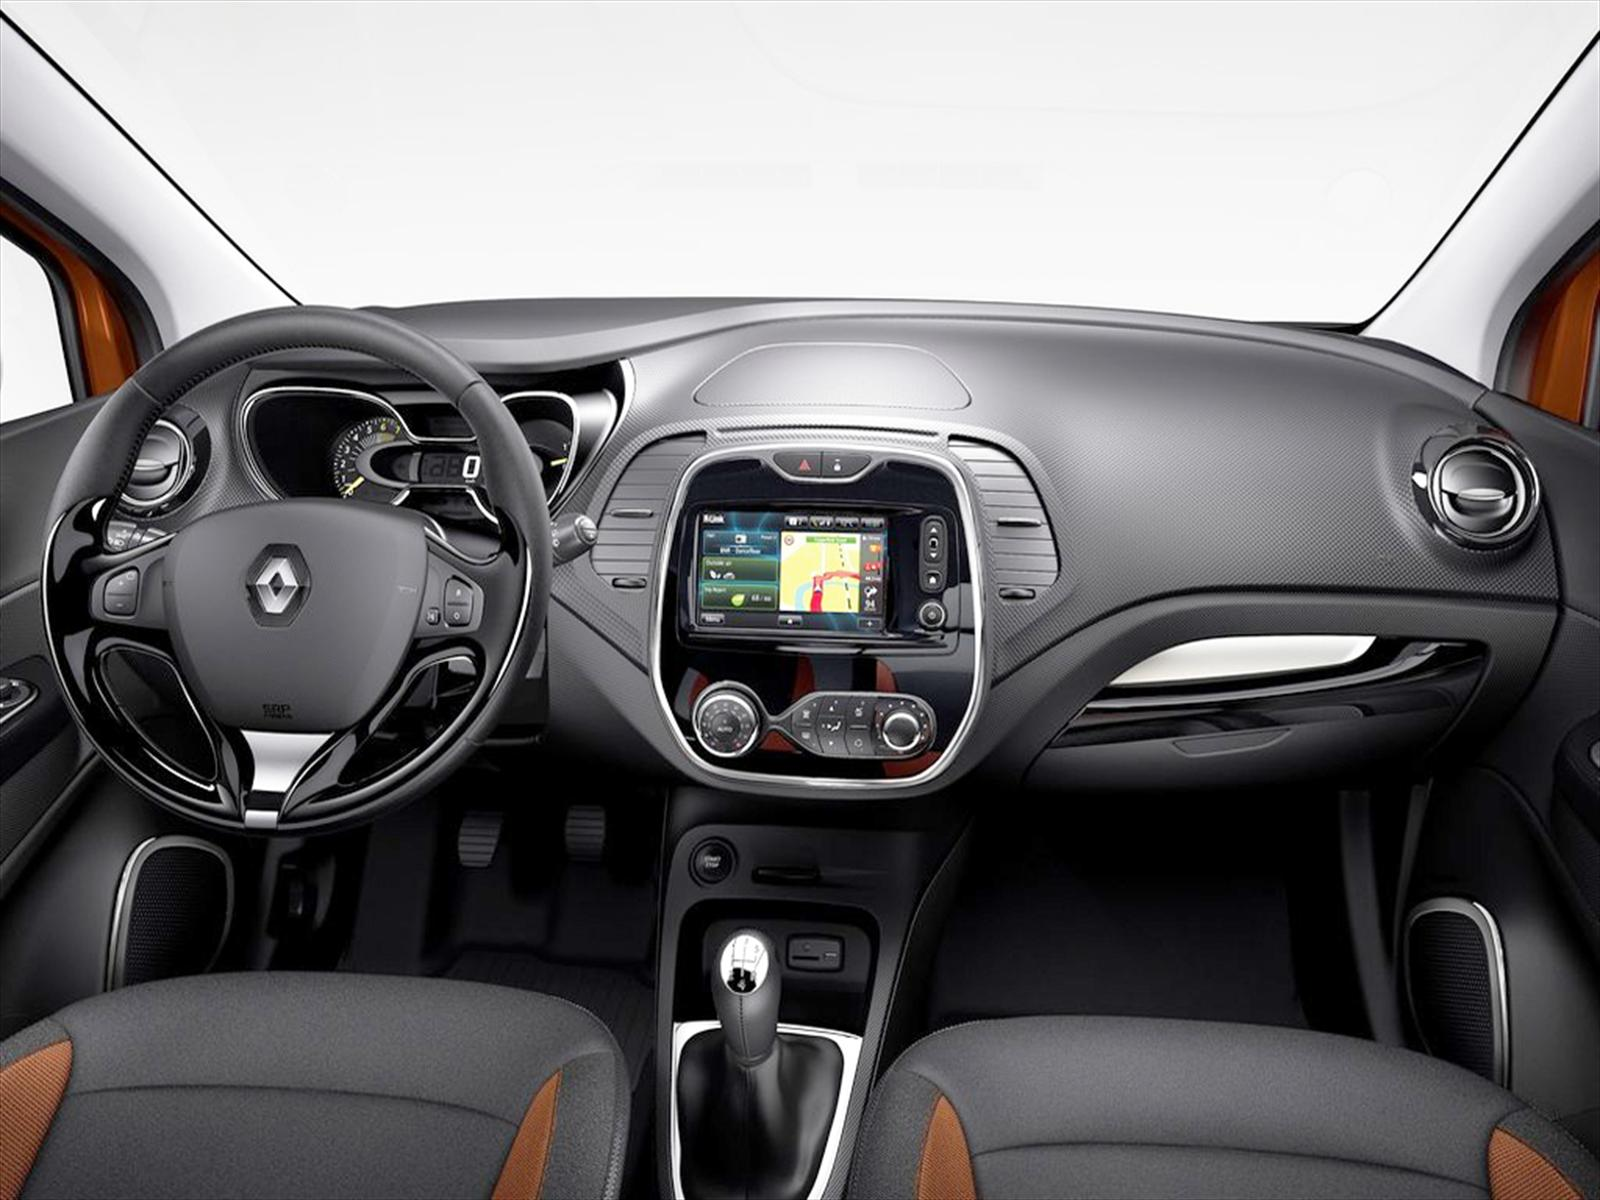 El Cajon Subaru >> Renault Captur: Estreno oficial en Chile - Autocosmos.com